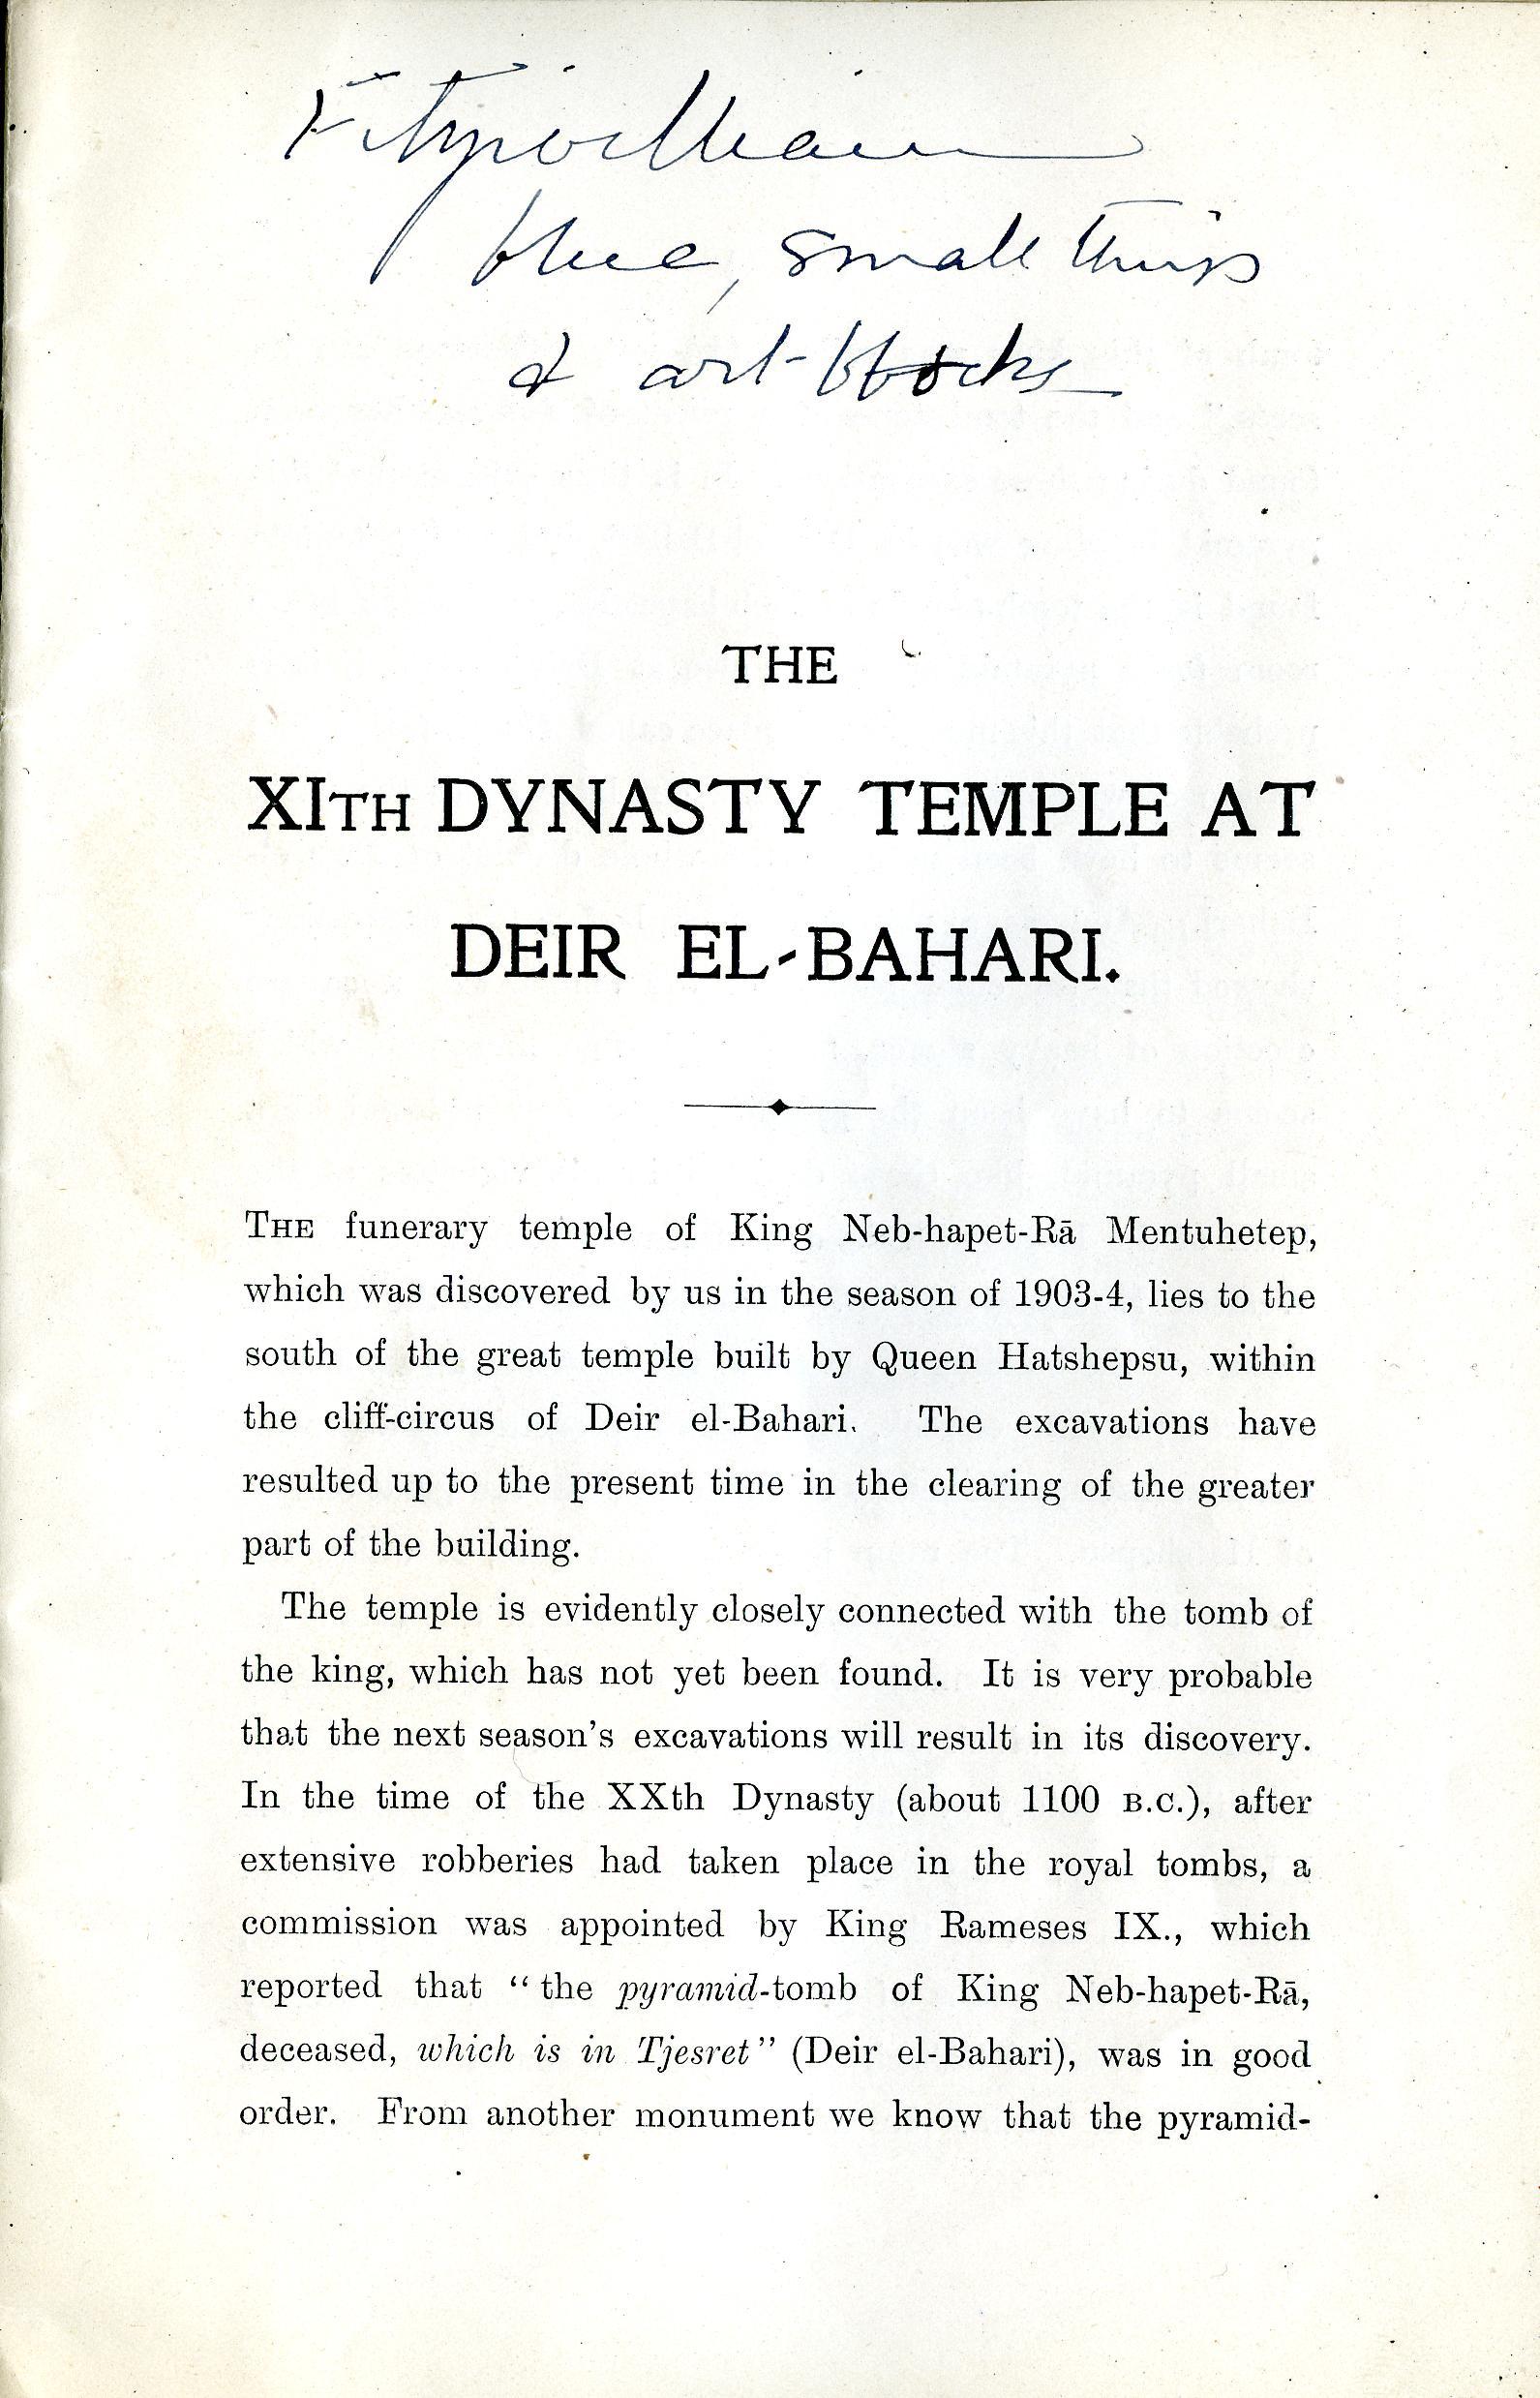 1905-06 Deir el-Bahri, Oxyrhynchus DIST.26.17c